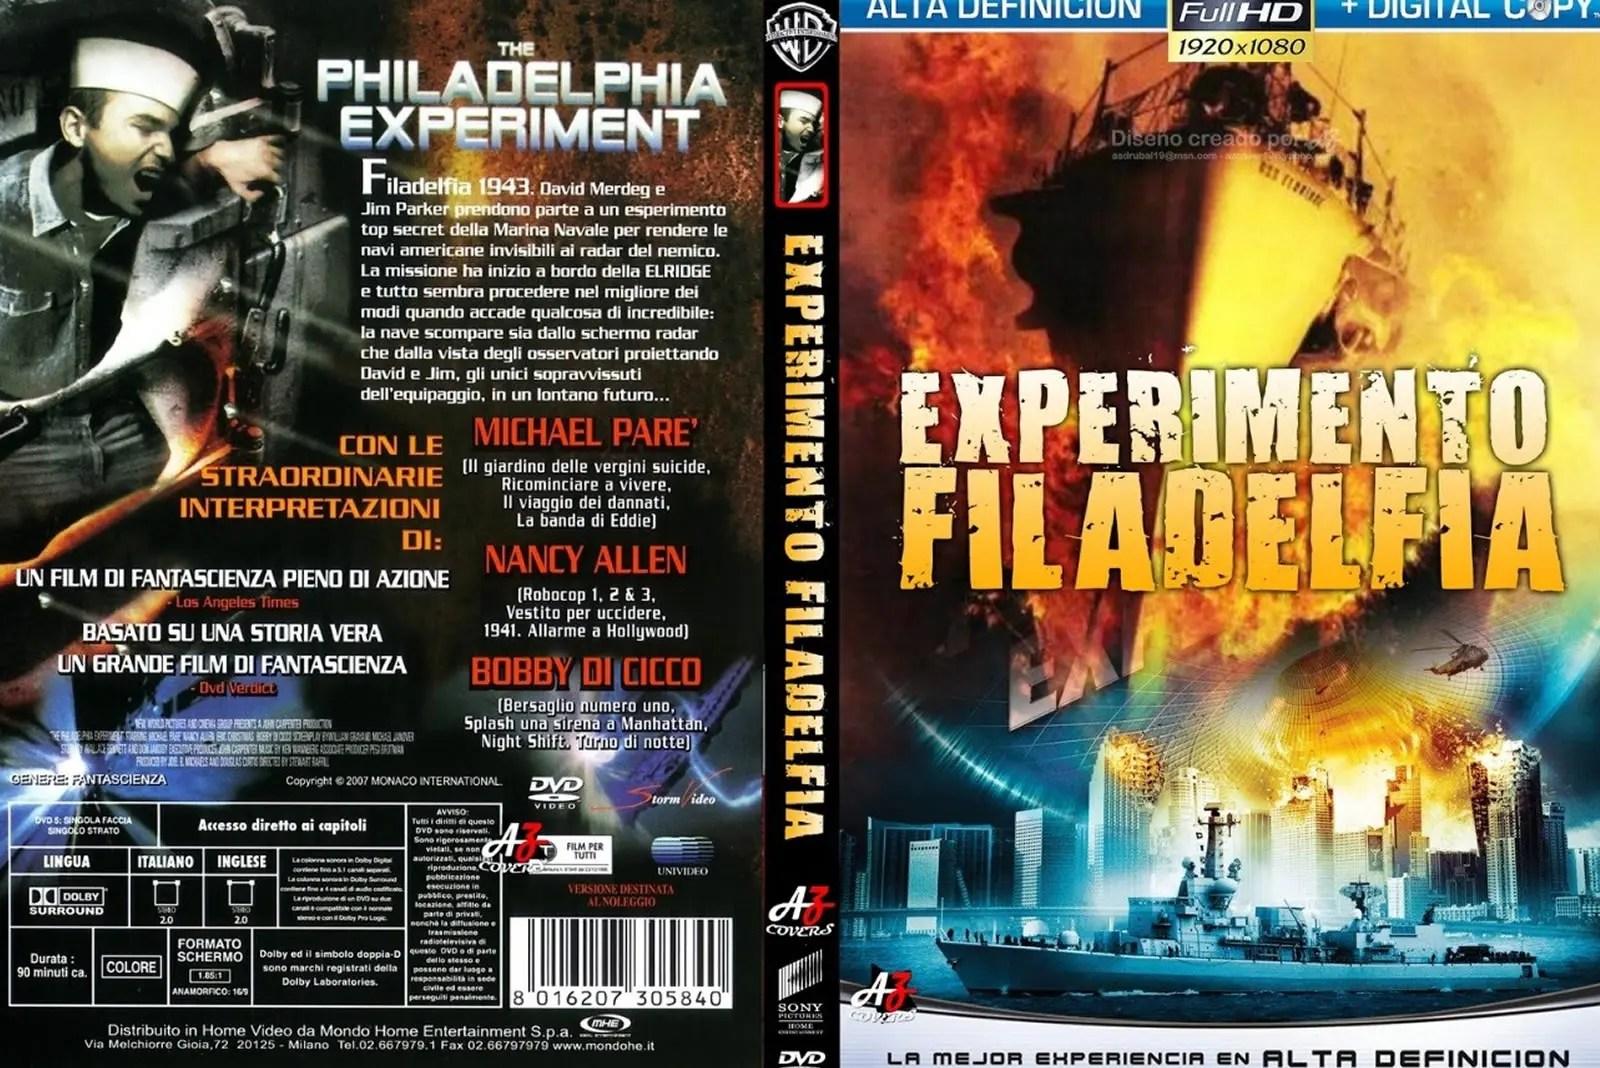 experimento filadelfia